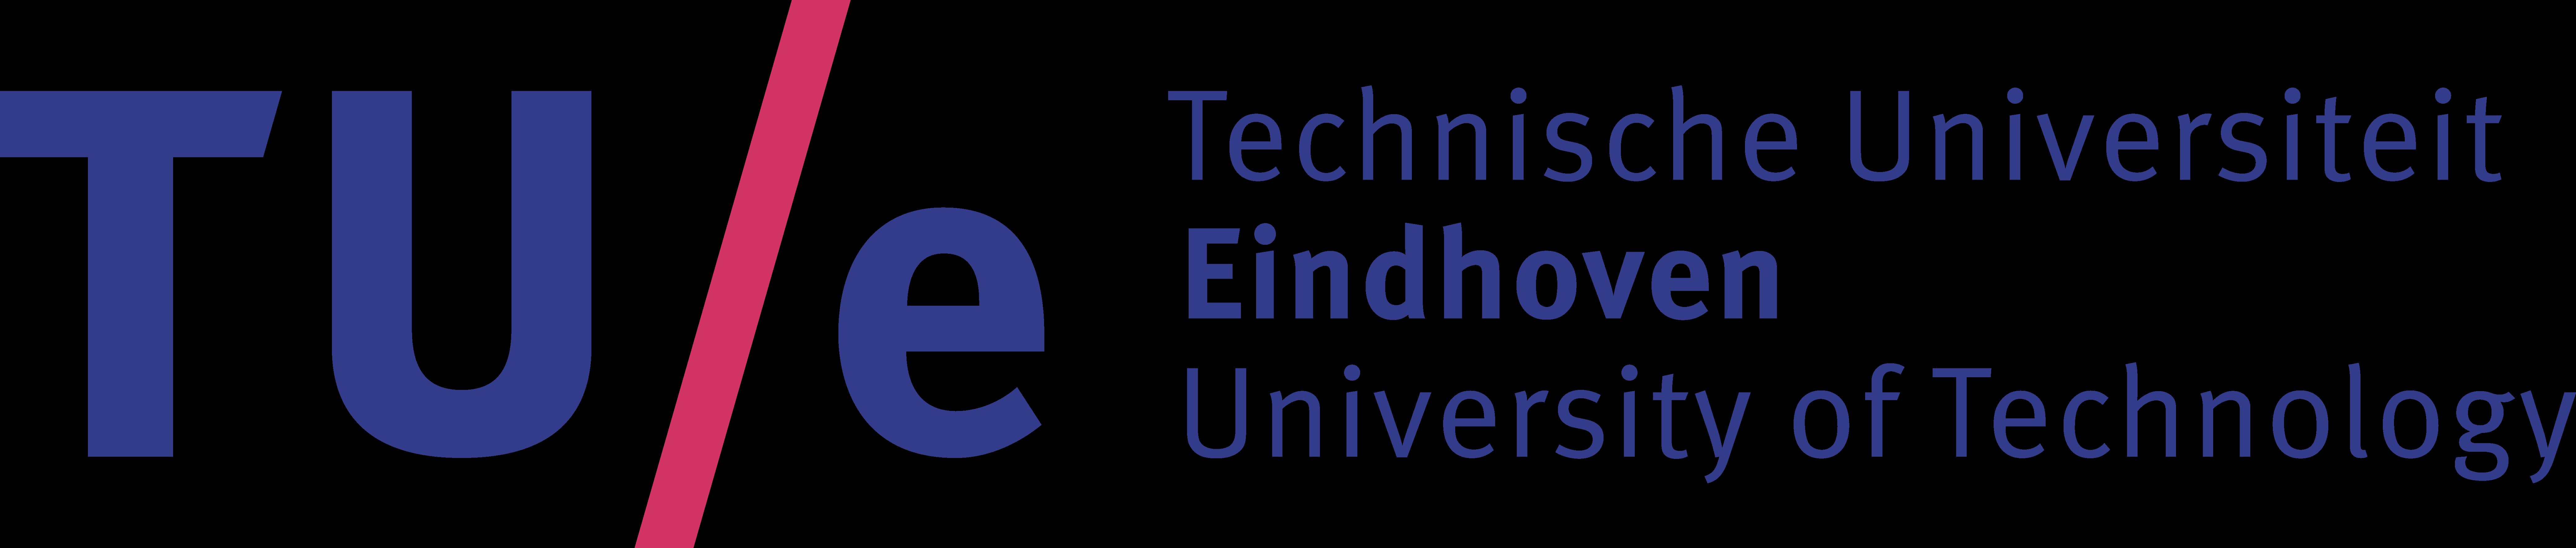 TU Eindhoven logo